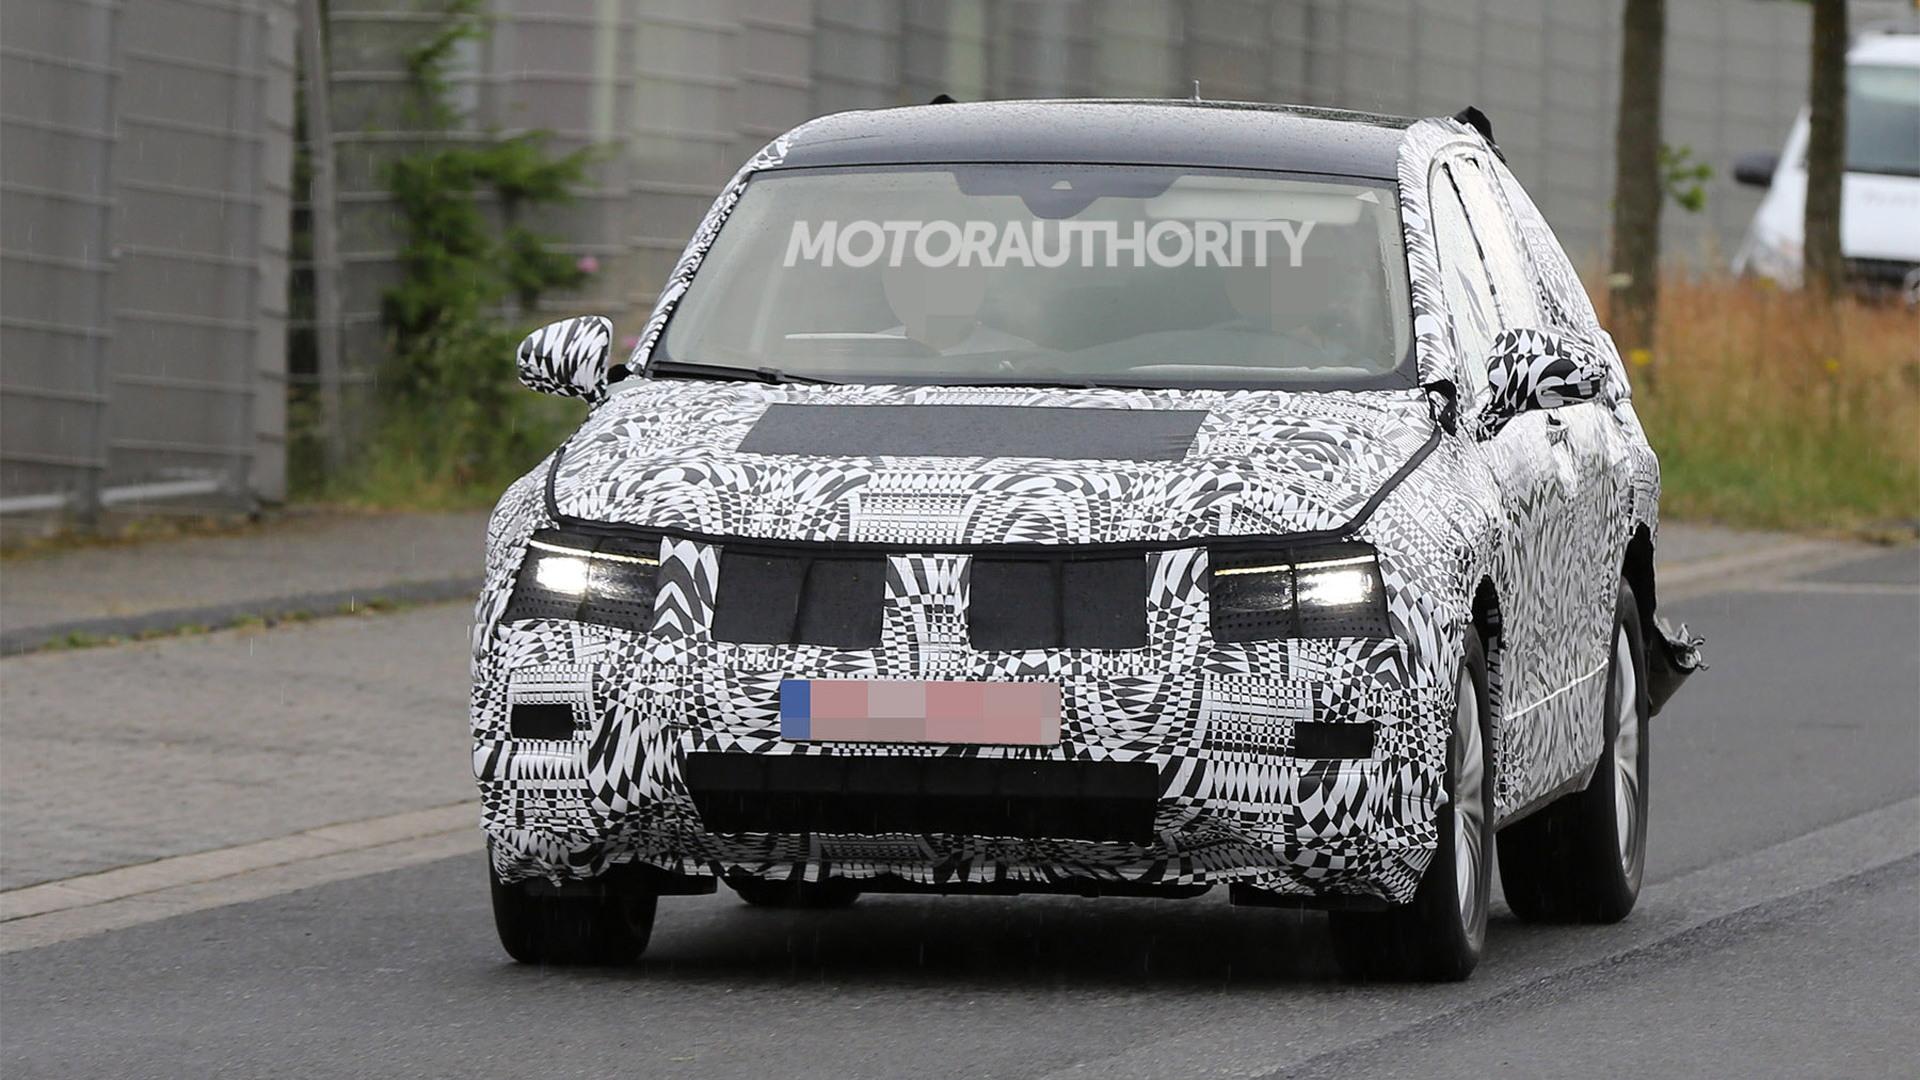 2018 Volkswagen Tiguan spy shots - Image via S. Baldauf/SB-Medien